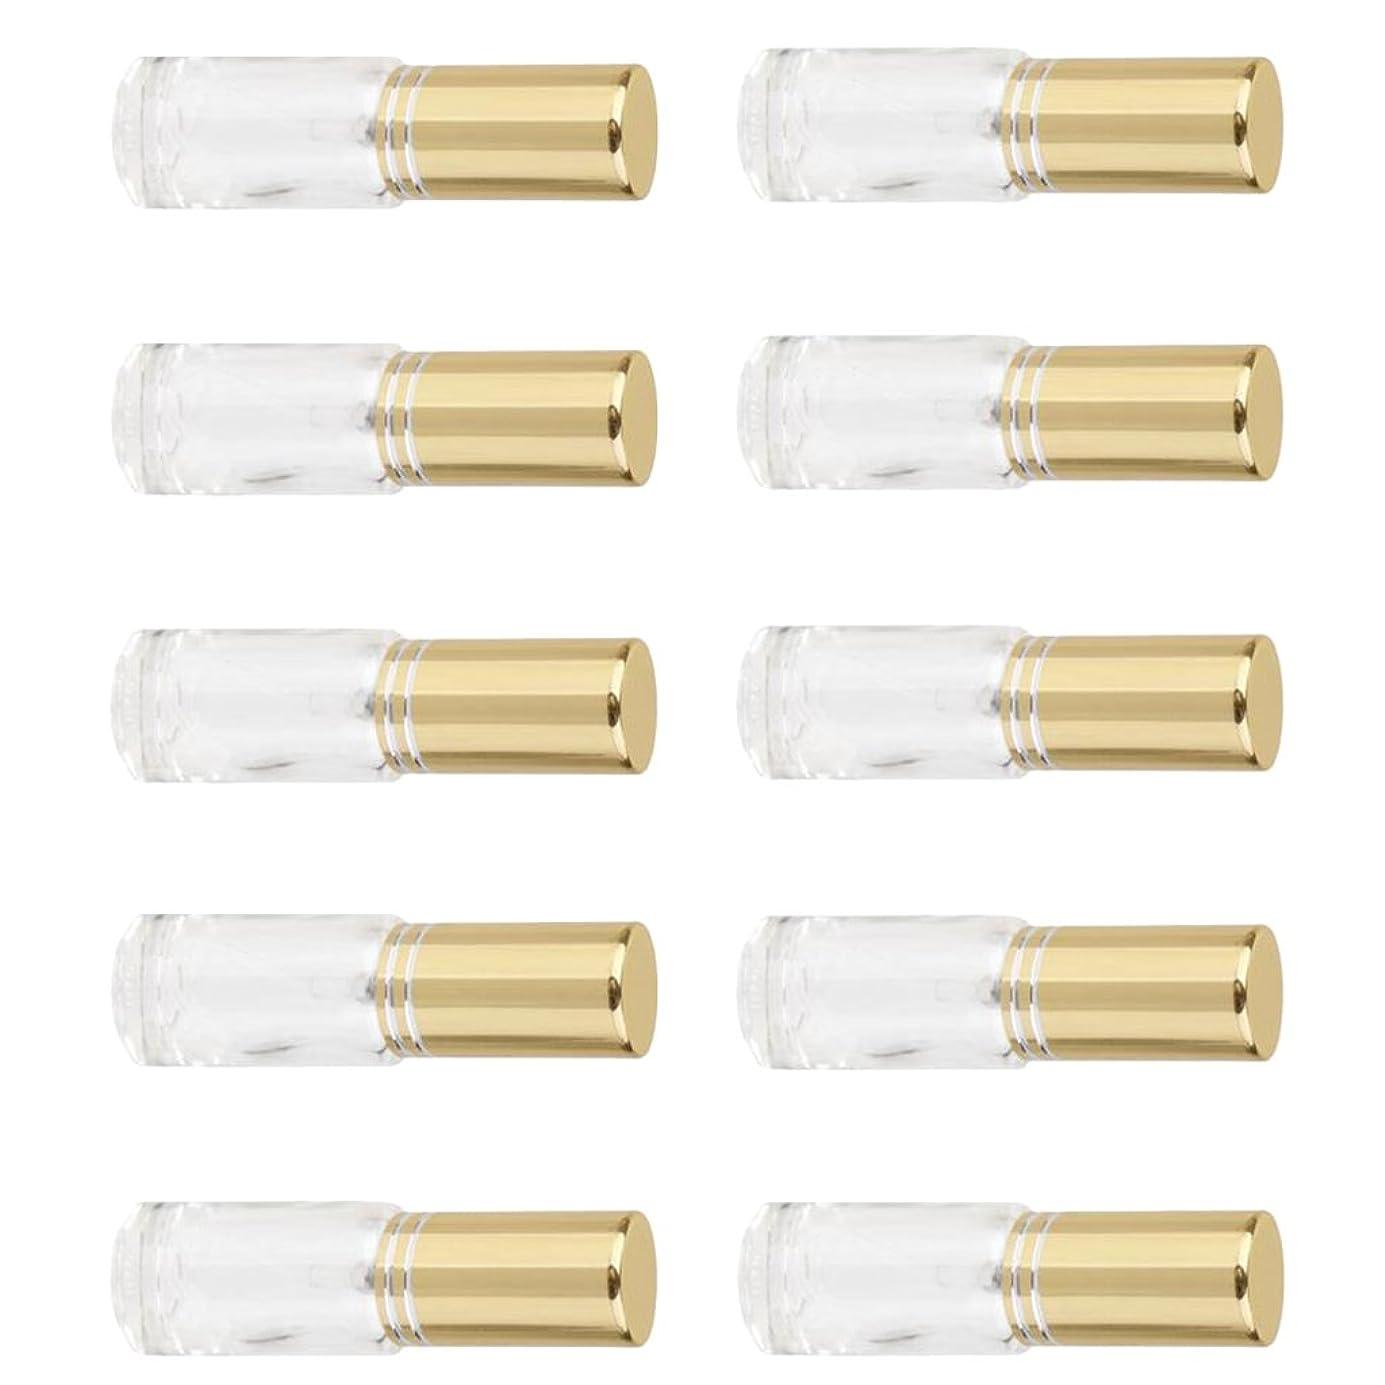 ジョリー無線スロベニアSONONIA 10個 お買い得 男女兼用 5ml ミニ ガラス 詰め替え可能 香水 空き瓶 アトマイザー ポンプ スプレー 香水瓶 容器